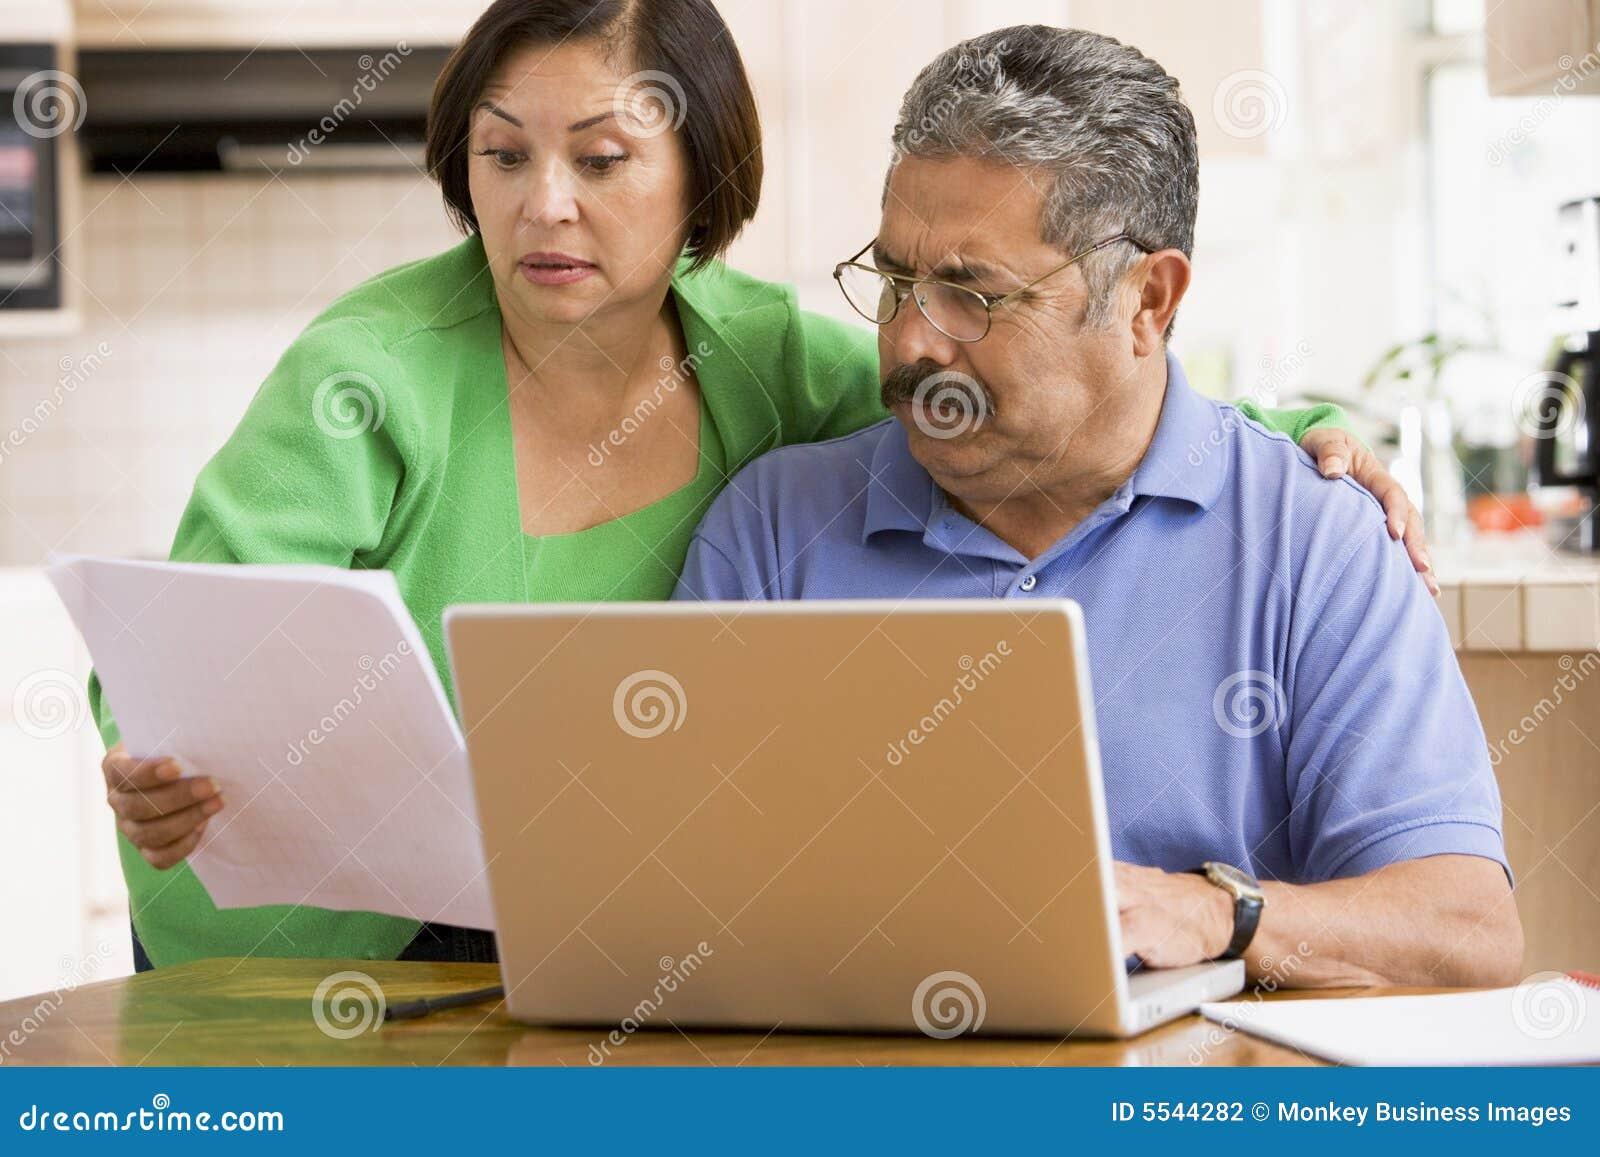 Paar in keuken met laptop en administratie